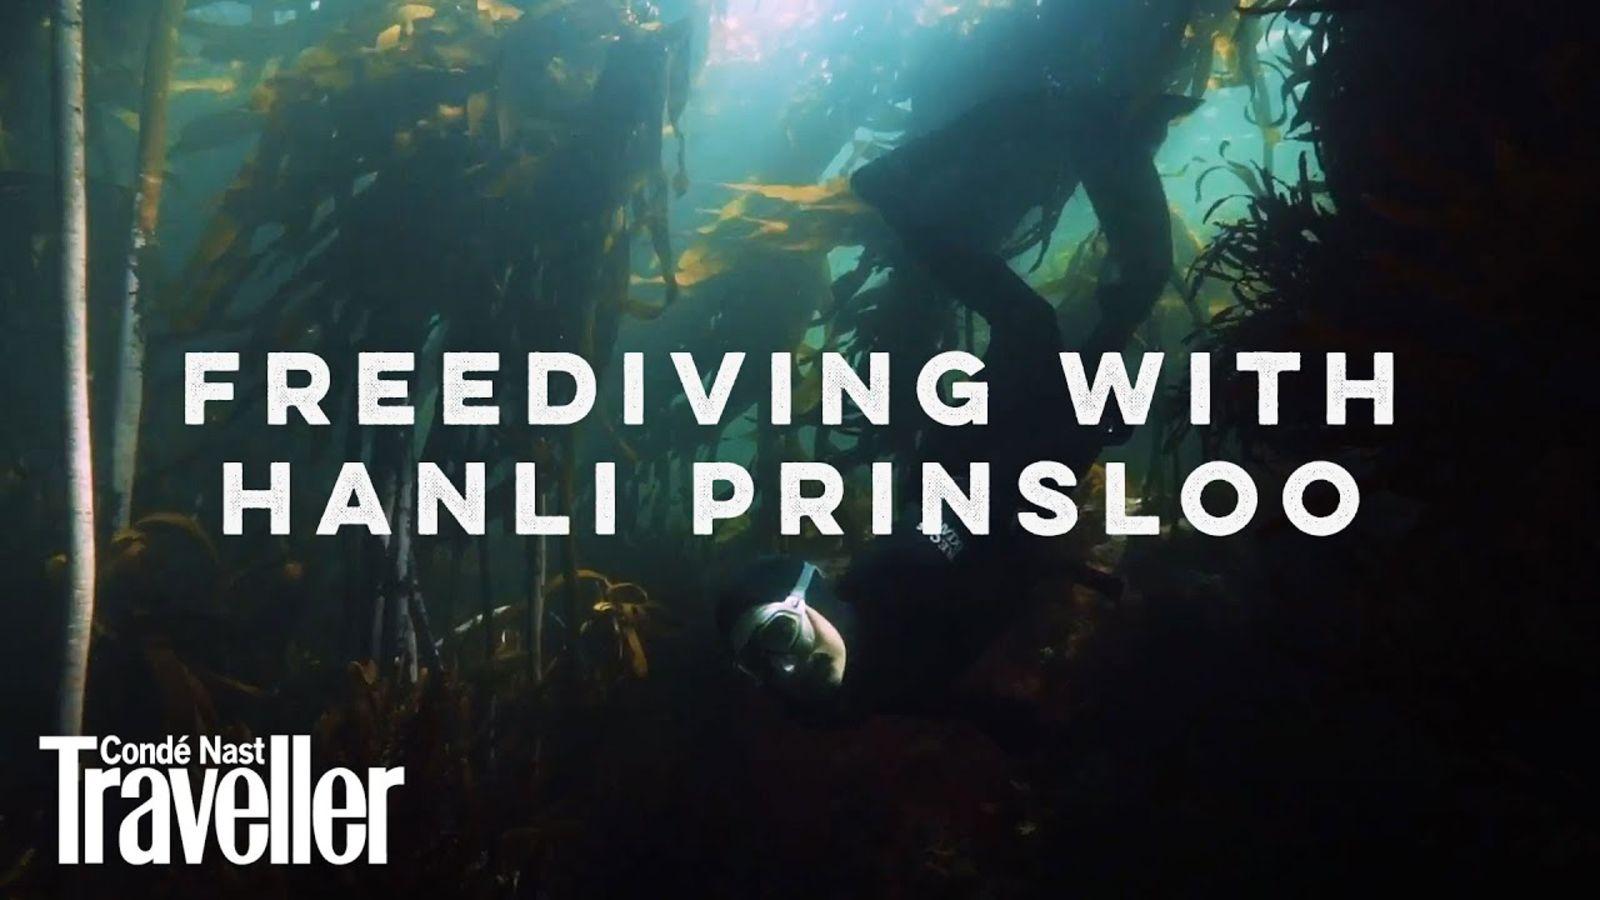 Free diving in the ocean with Hanli Prinsloo